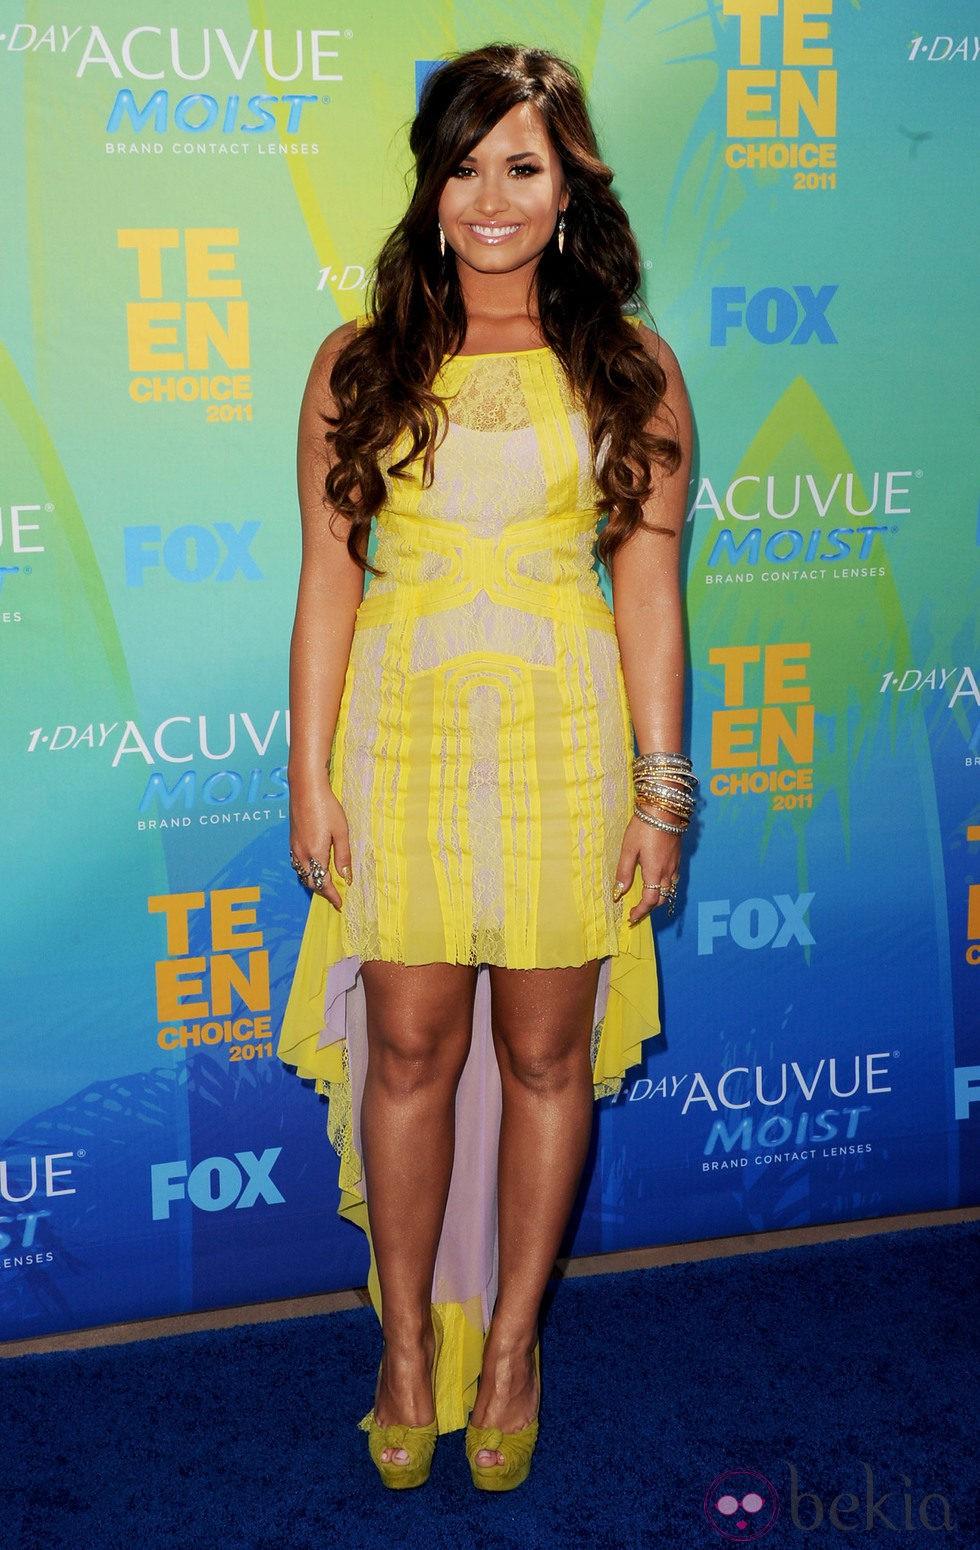 Teen choie awards 2011